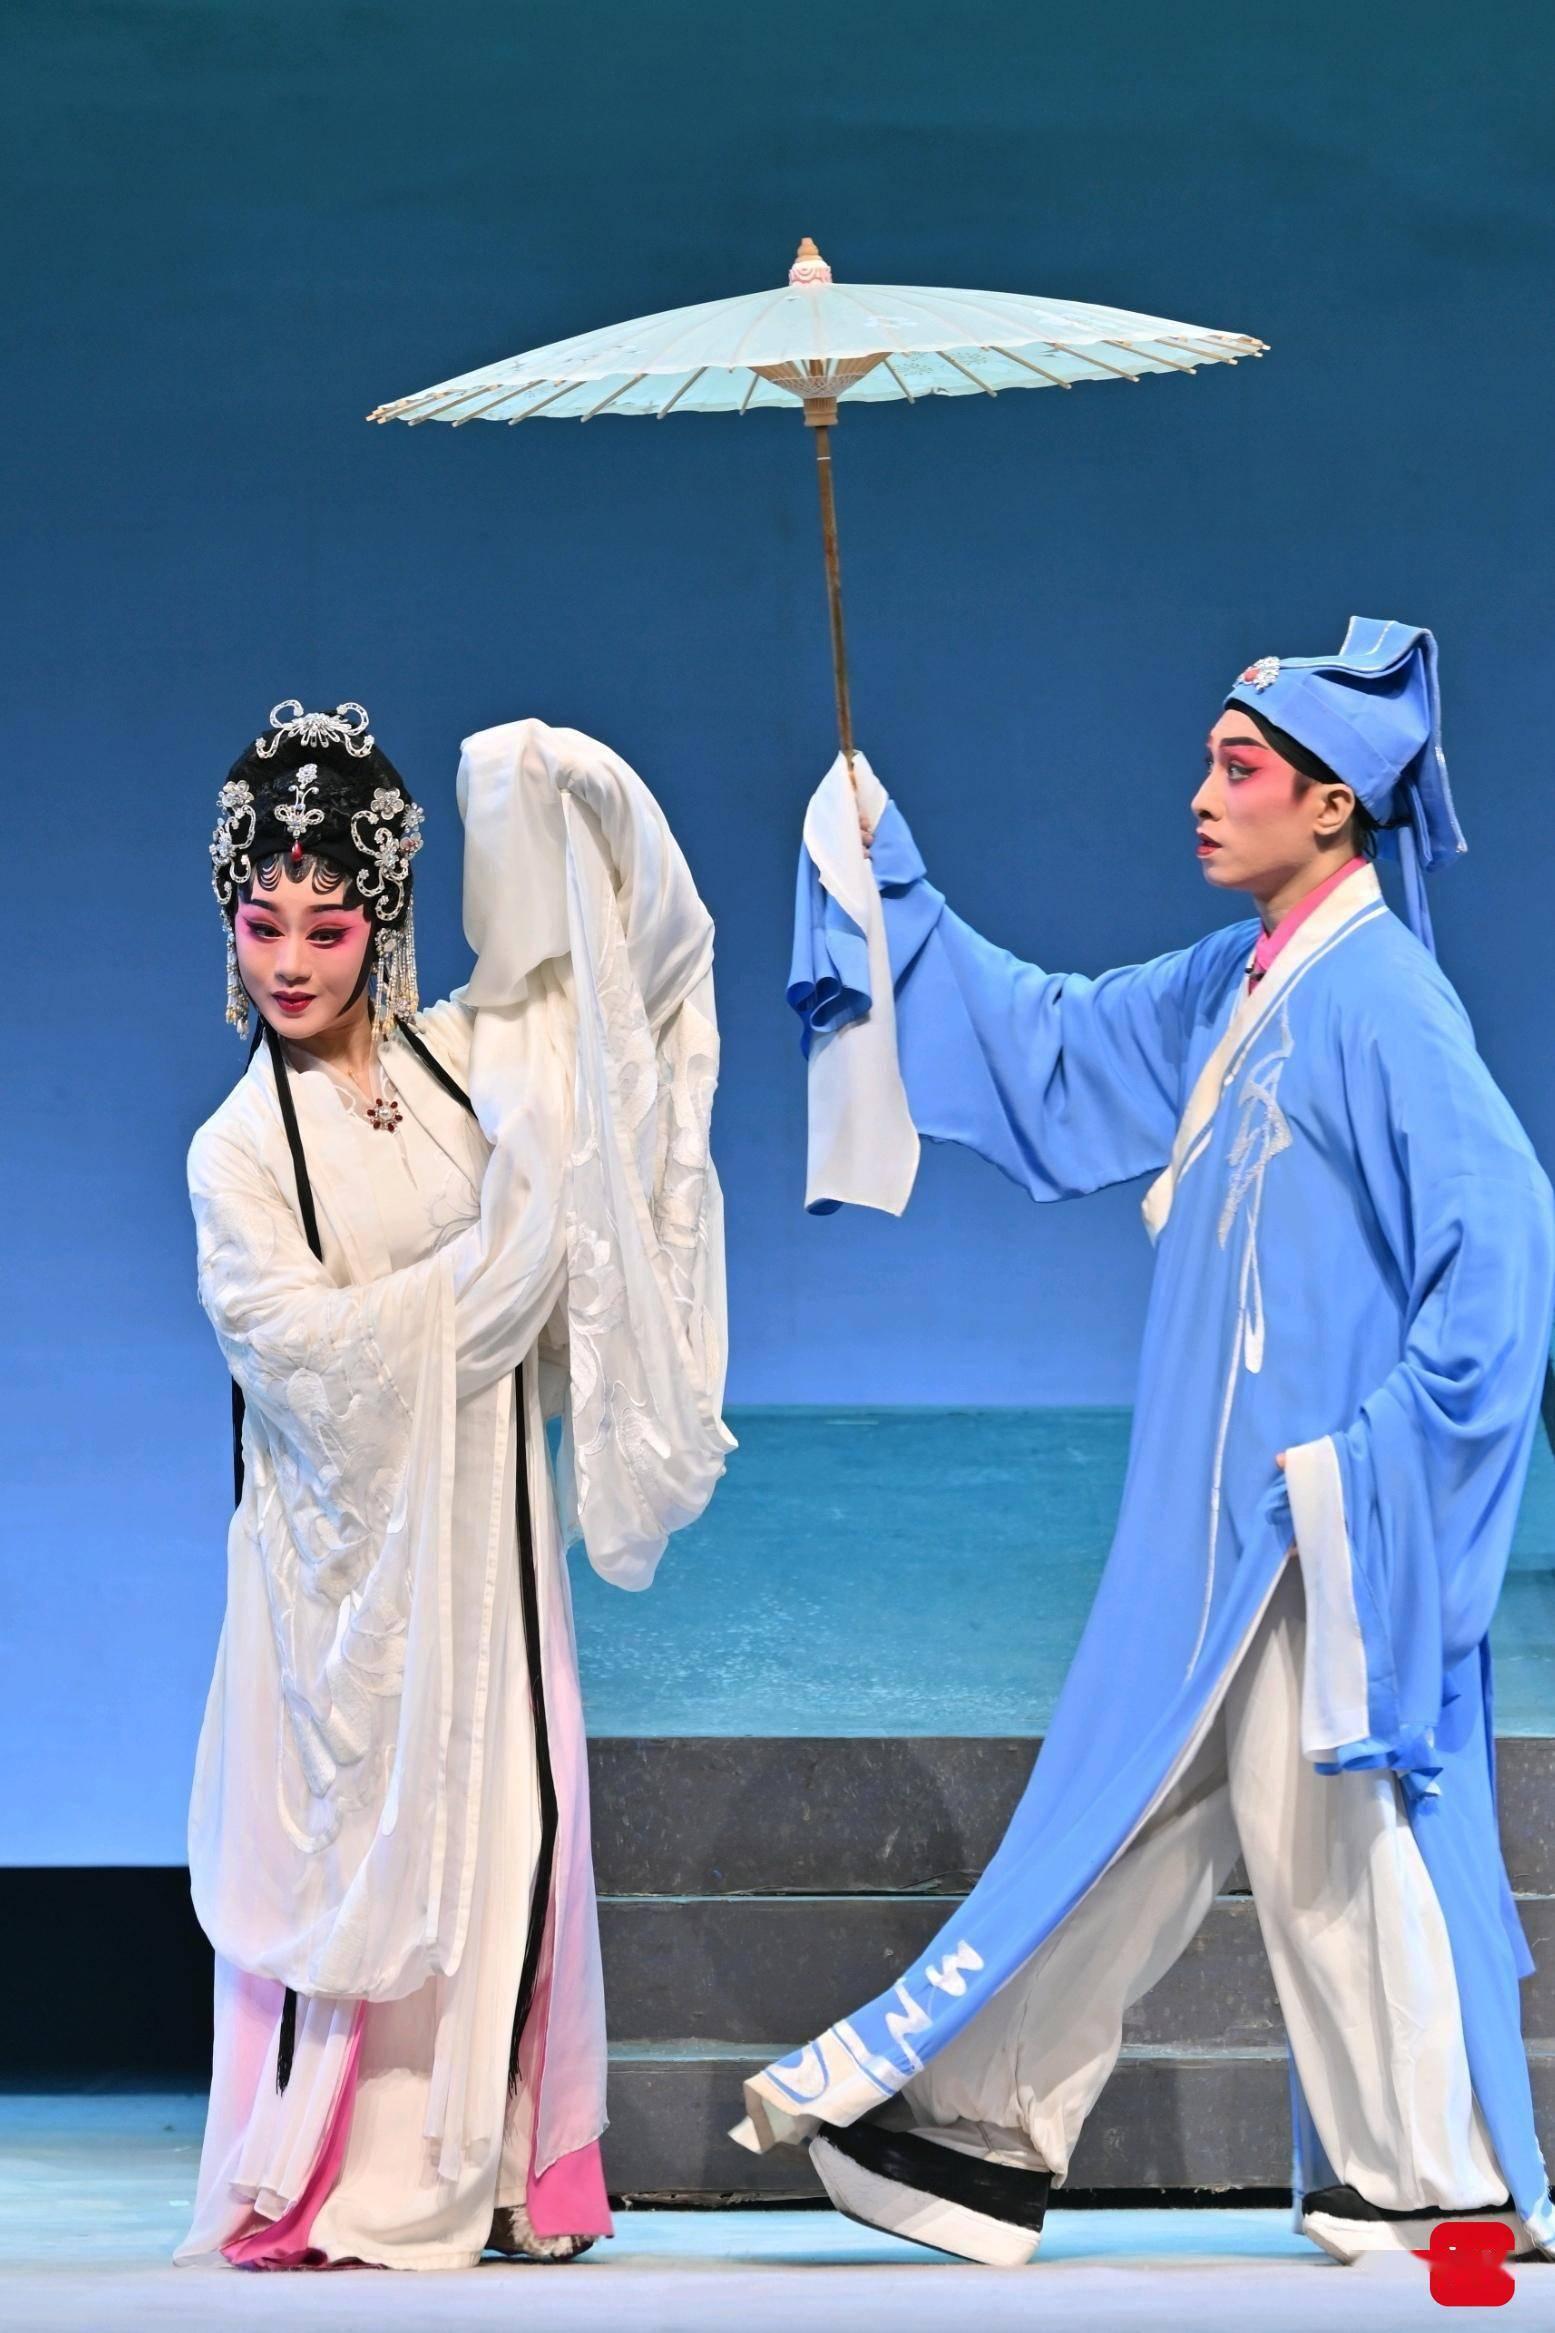 粤剧《白蛇传·情》舞台版比电影版好看!文创产品上海卖断货